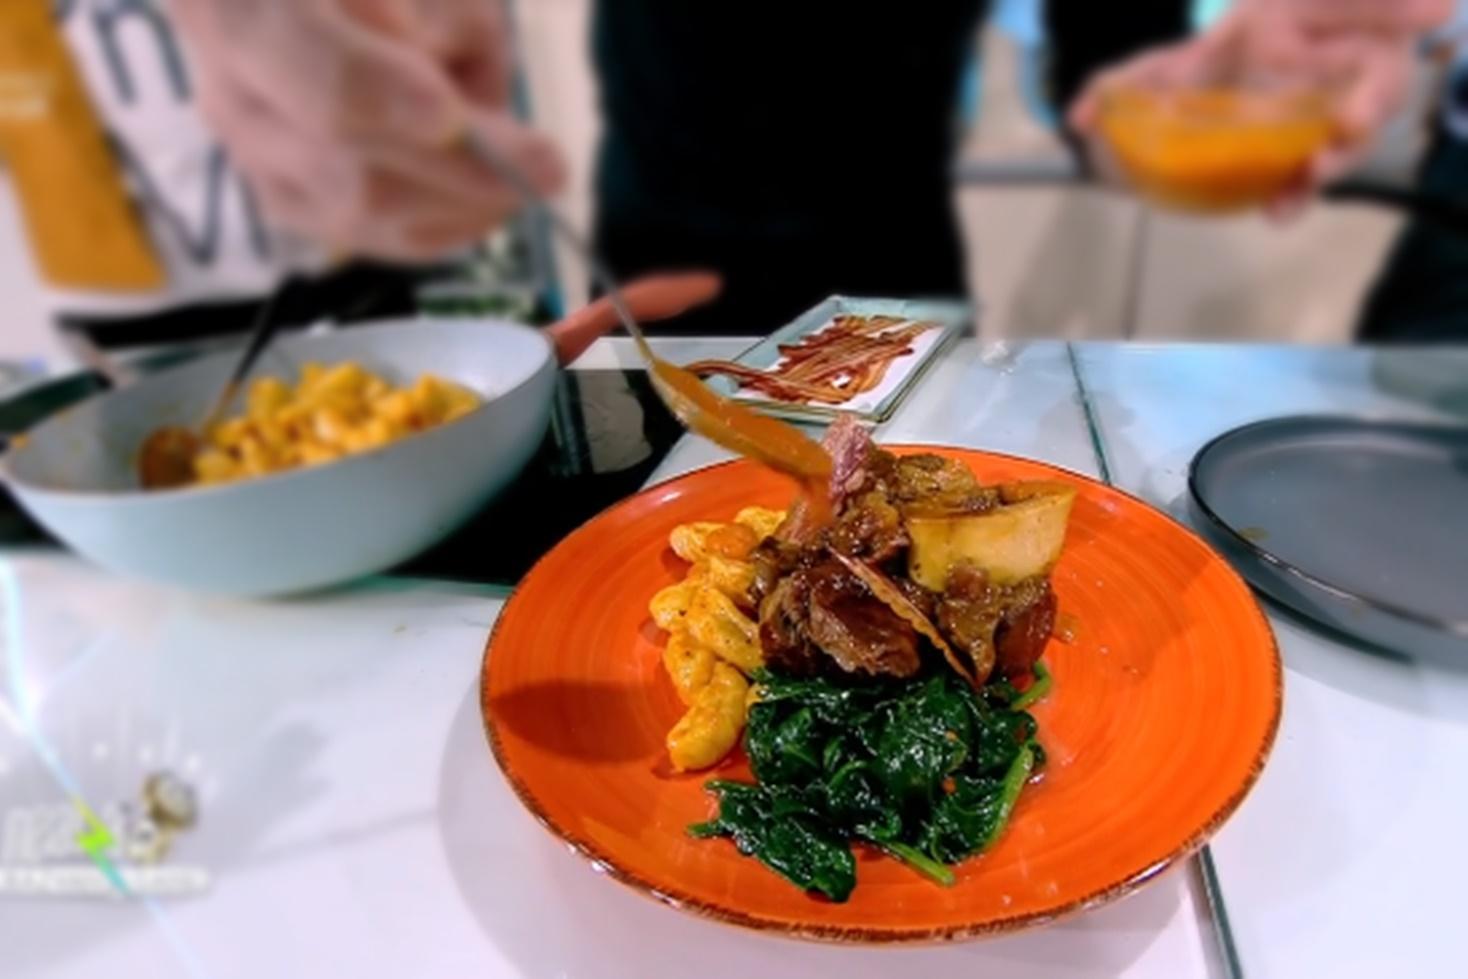 Rețetă de gnocchi cu spanac și osso buco, gătită de Chef Nicolai Tand la Neatza cu Răzvan și Dani